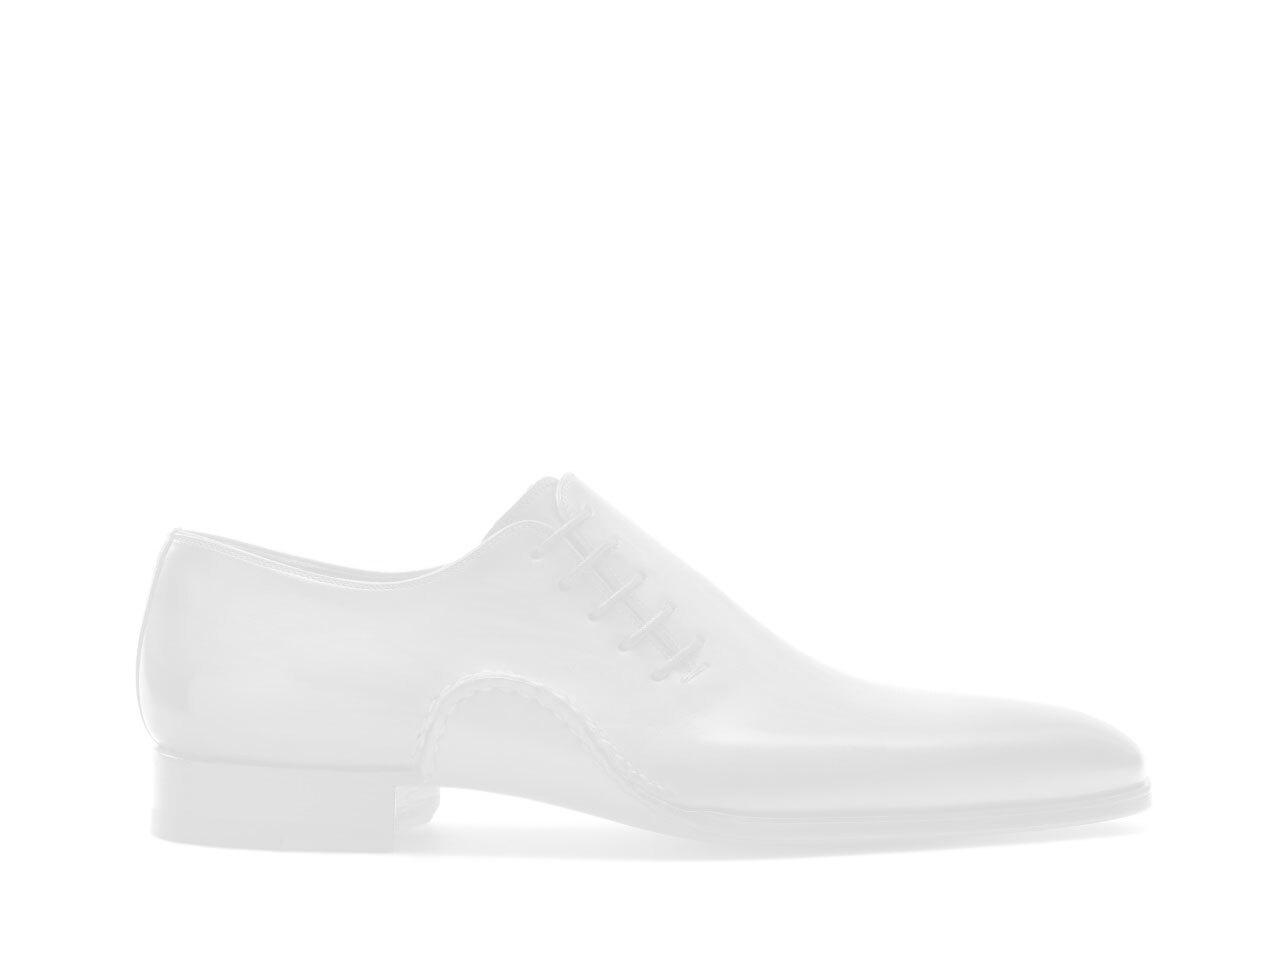 Pair of the Magnanni Maceda Cognac Men's Double Monk Strap Shoes